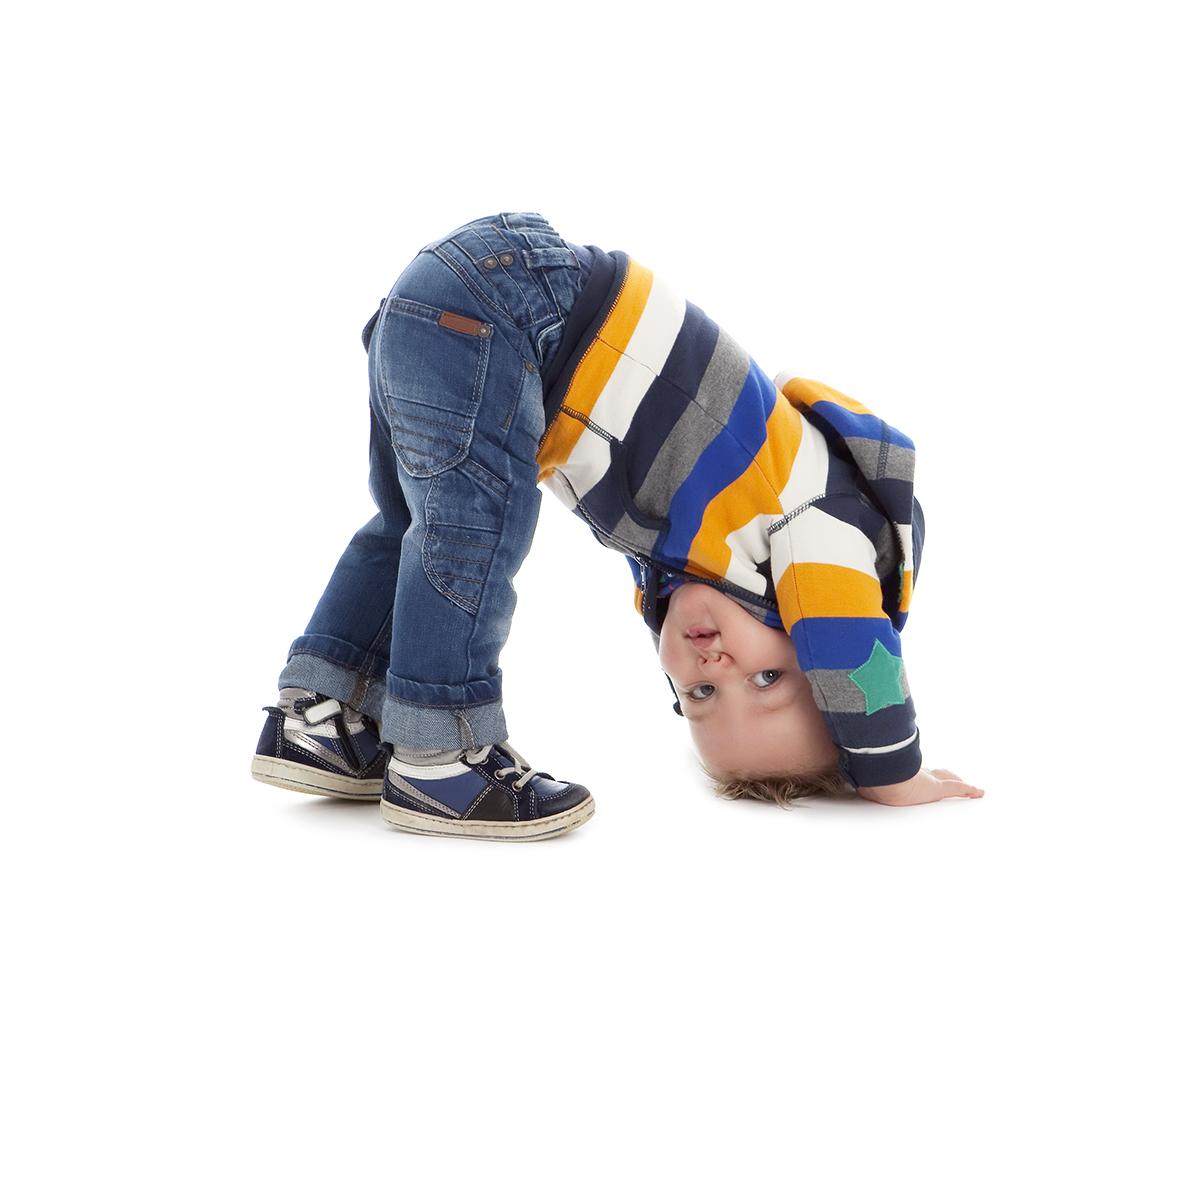 Kinderfotografie-0